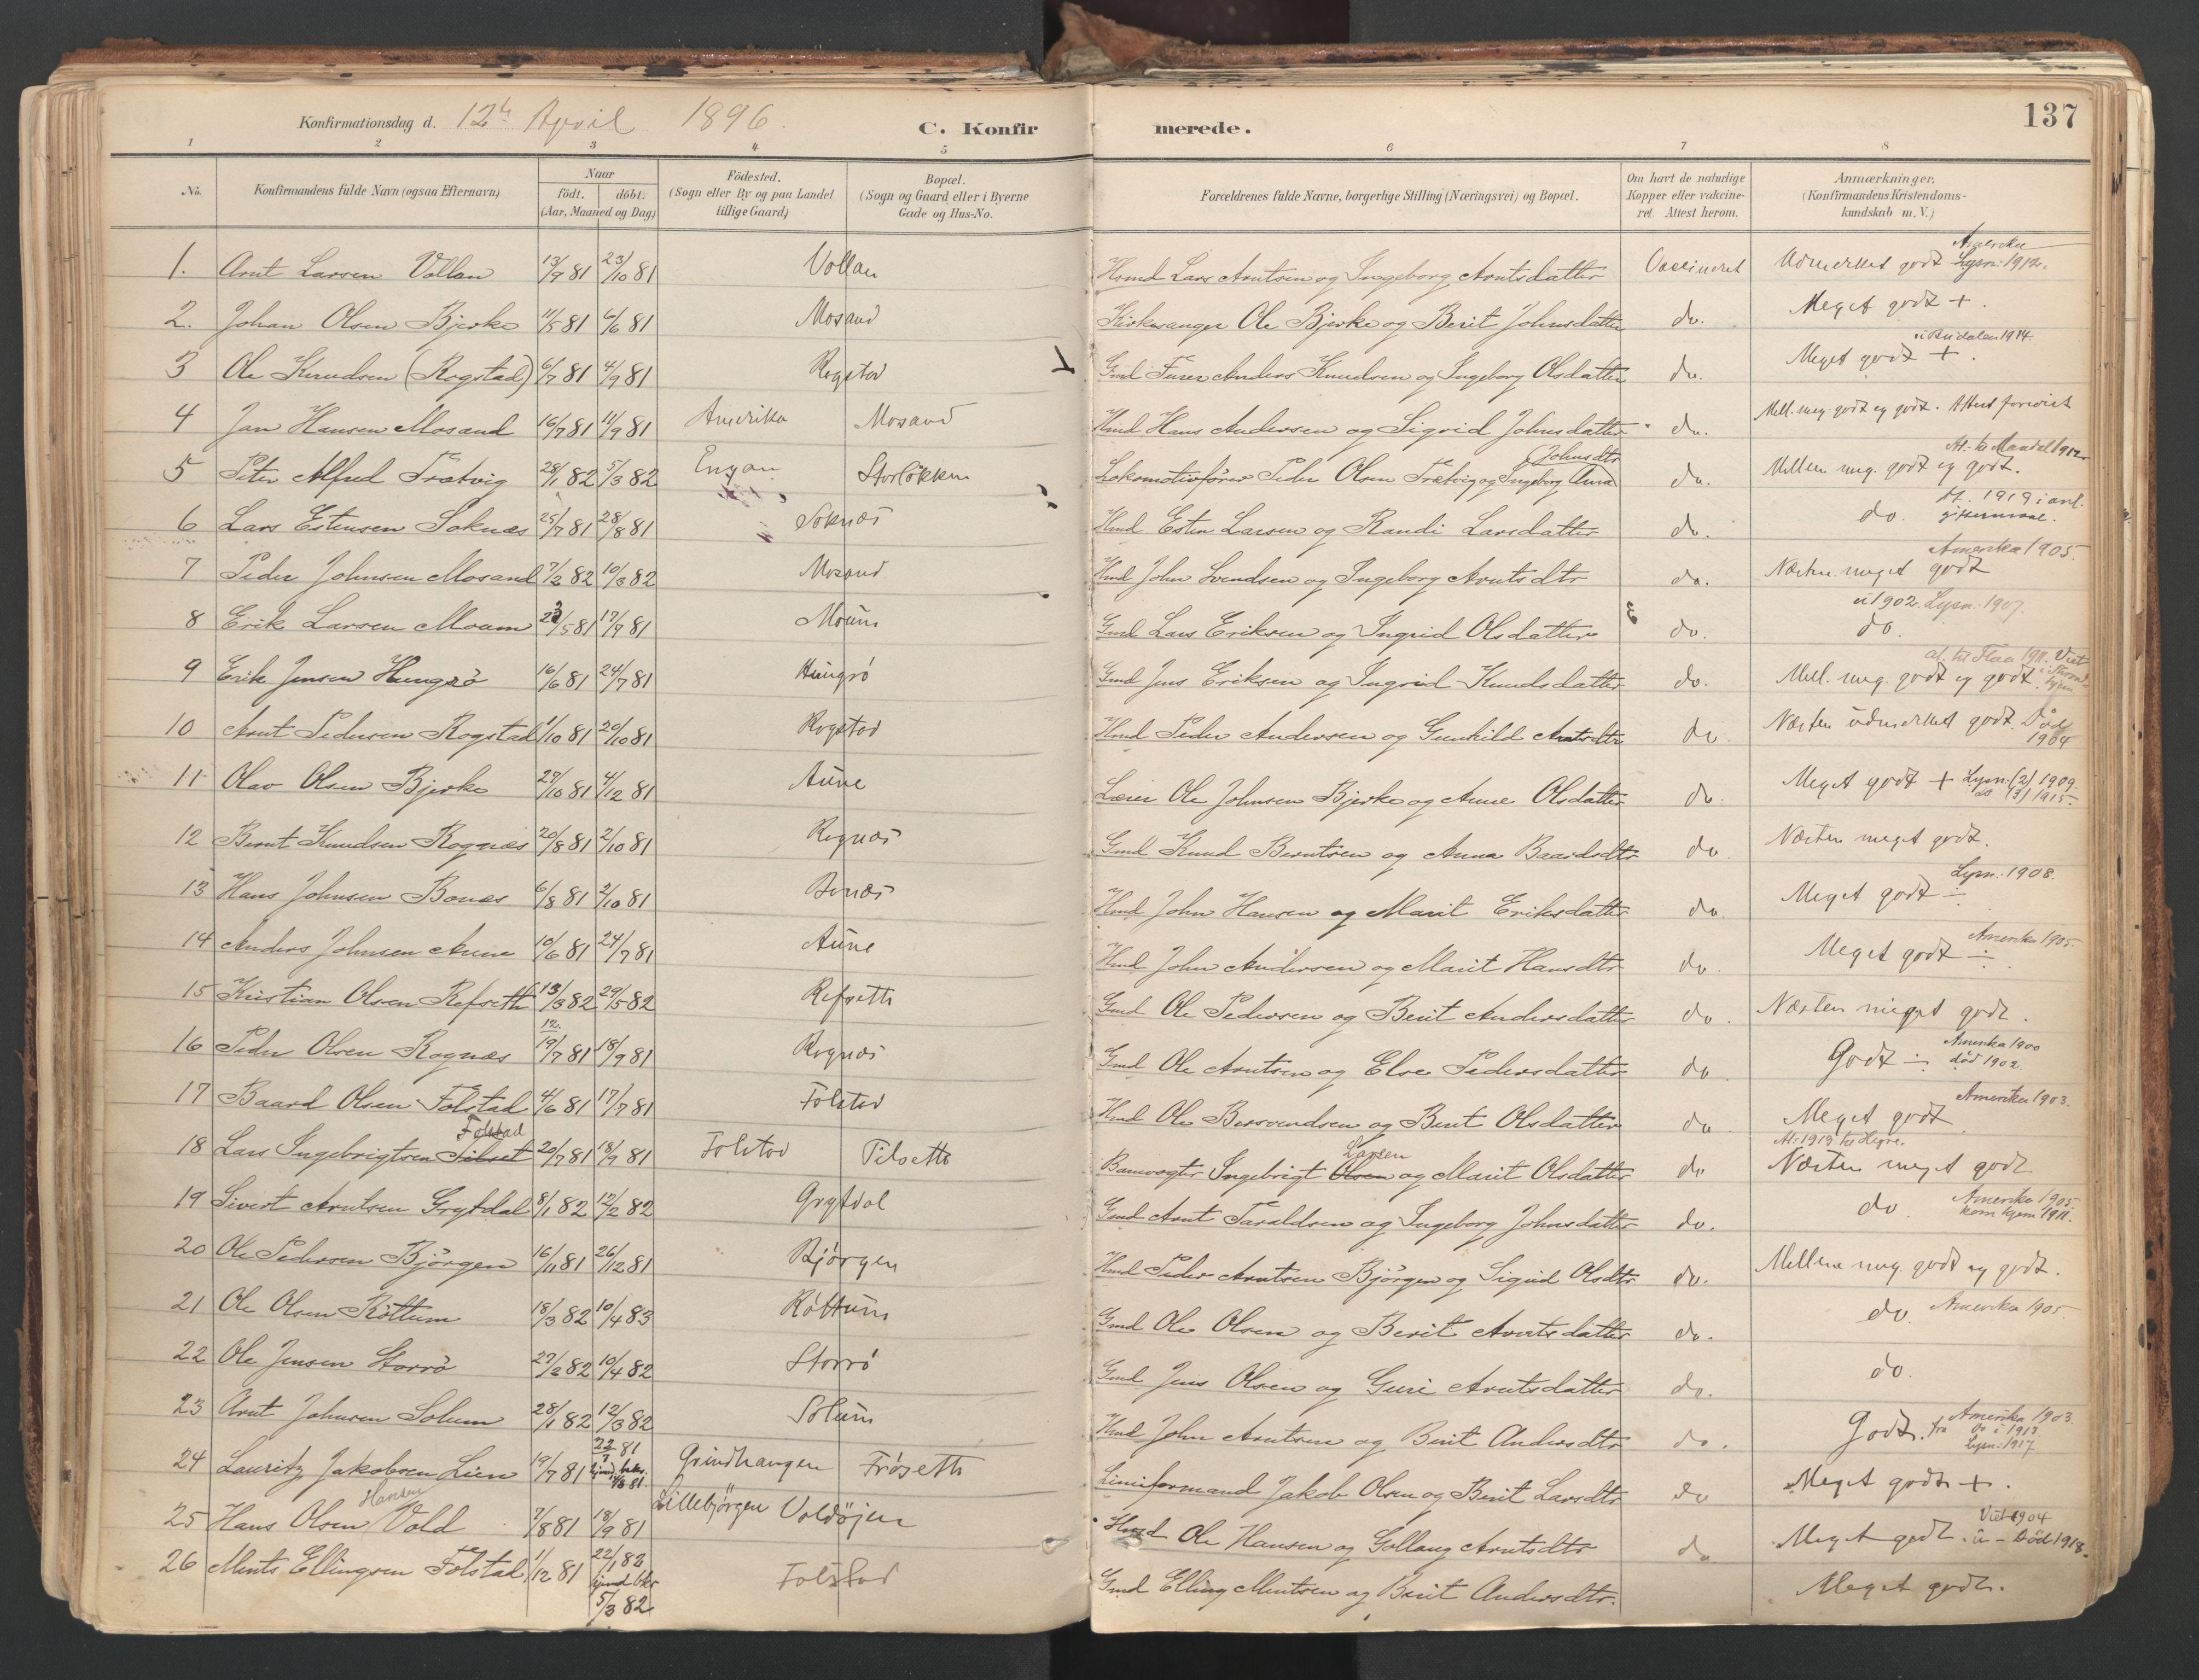 SAT, Ministerialprotokoller, klokkerbøker og fødselsregistre - Sør-Trøndelag, 687/L1004: Ministerialbok nr. 687A10, 1891-1923, s. 137